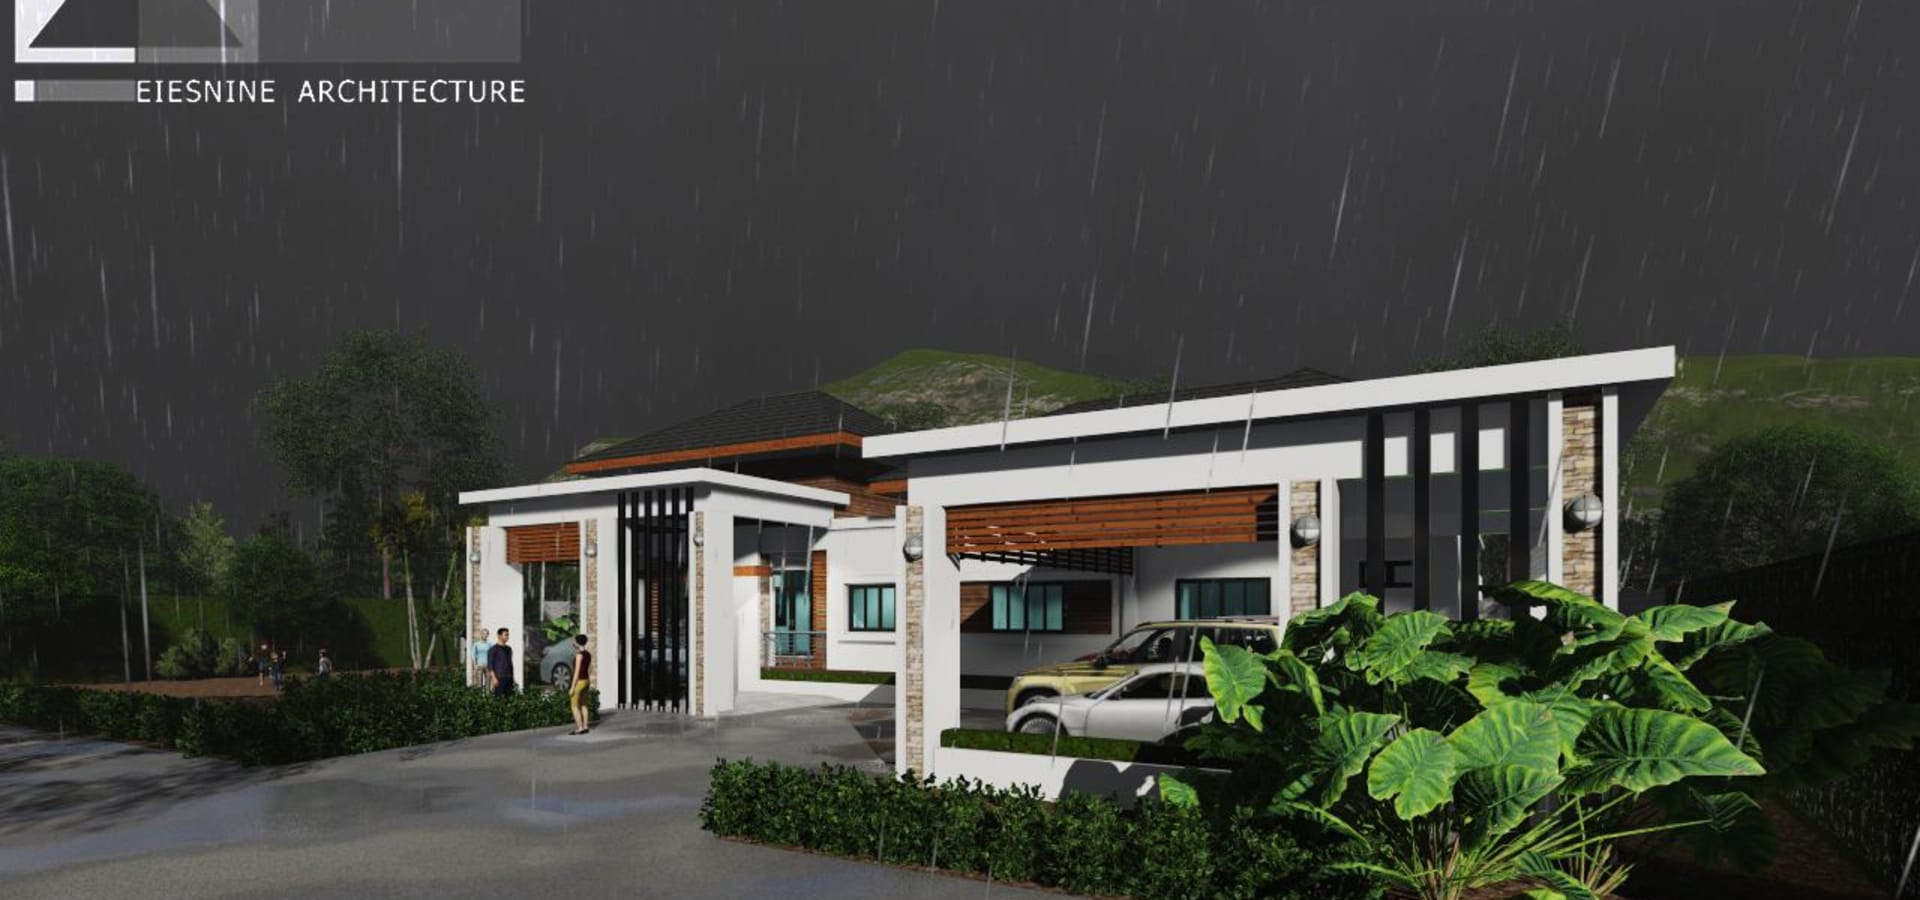 ออกแบบบ้านกับสถาปนิกดี้